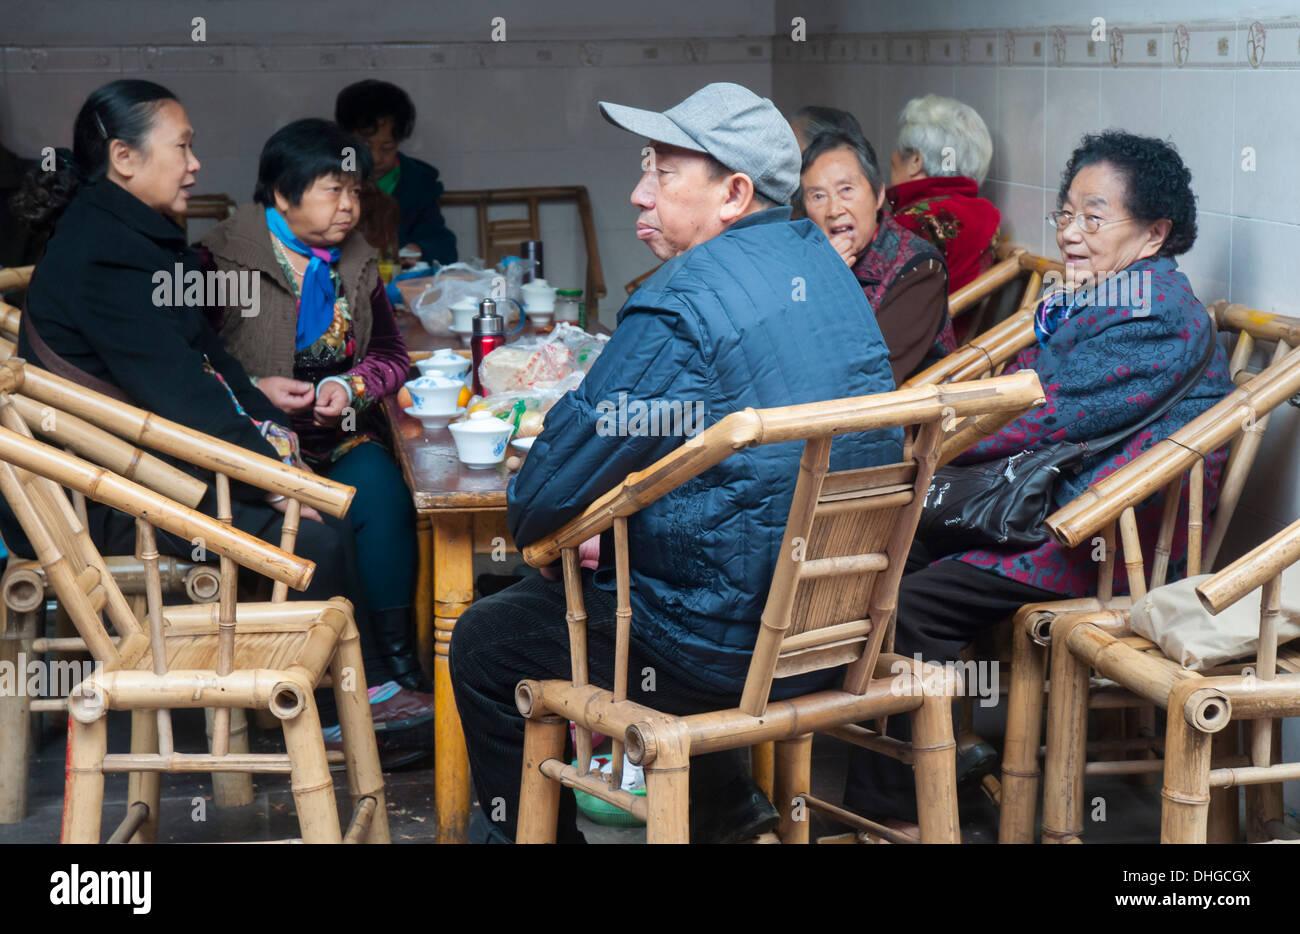 Les clients de une maison de thé dans le parc culturel, Chengdu, Sichuan, Chine Photo Stock